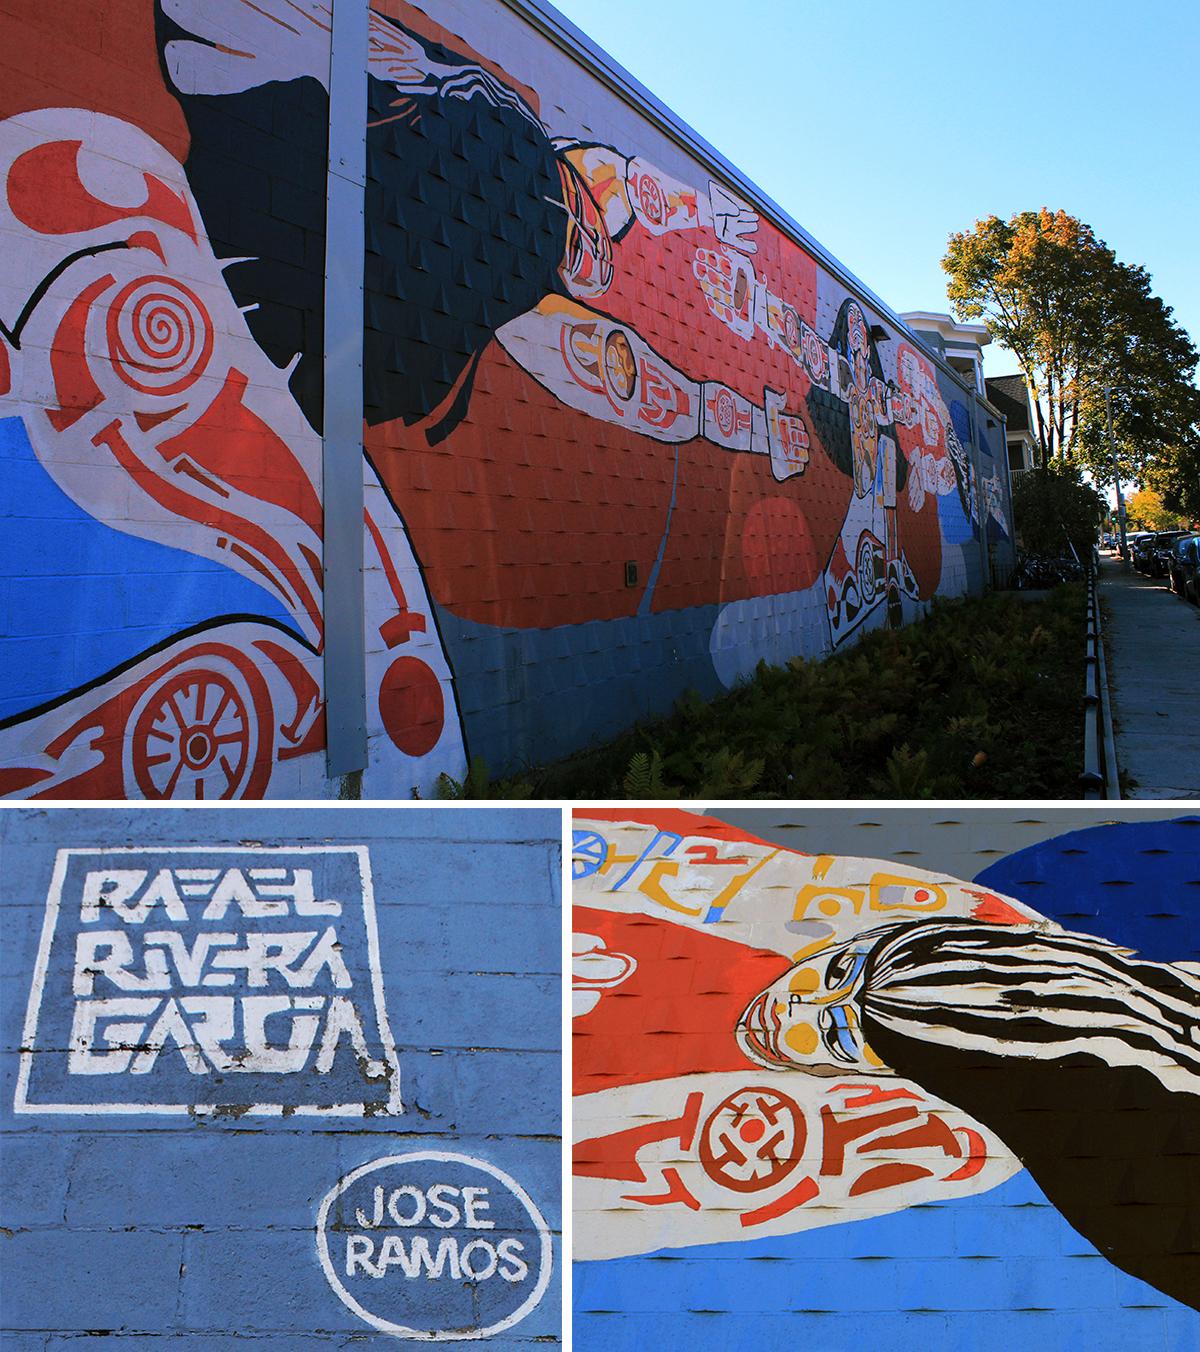 jamaica plain murals public art